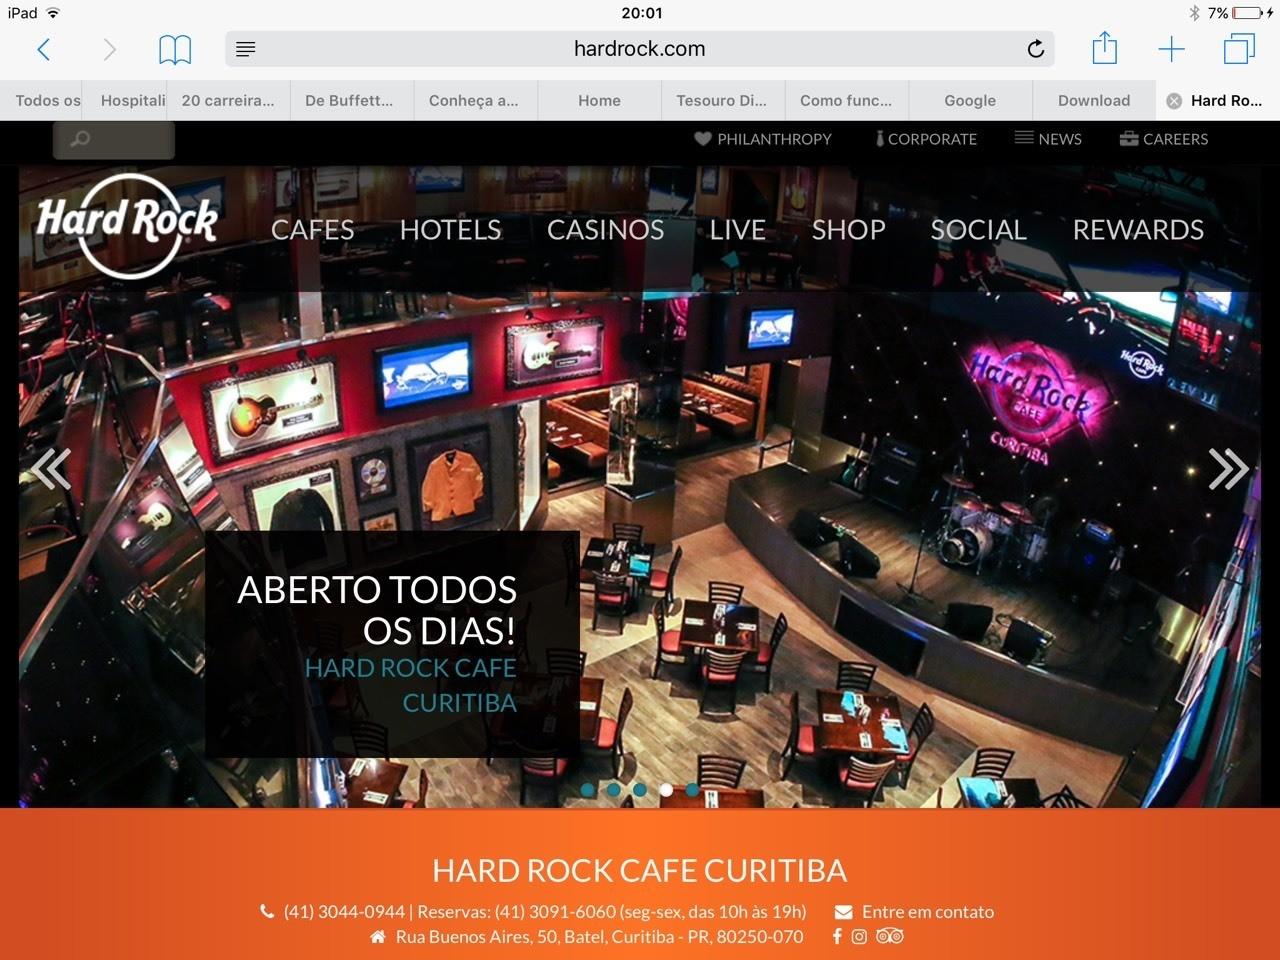 OHard Rock Cafe Curitiba é o primeiro e único no mundo que buscou um compromisso com a sociedade,ctudo inclinado pelo arquiteto Gastao Lima.